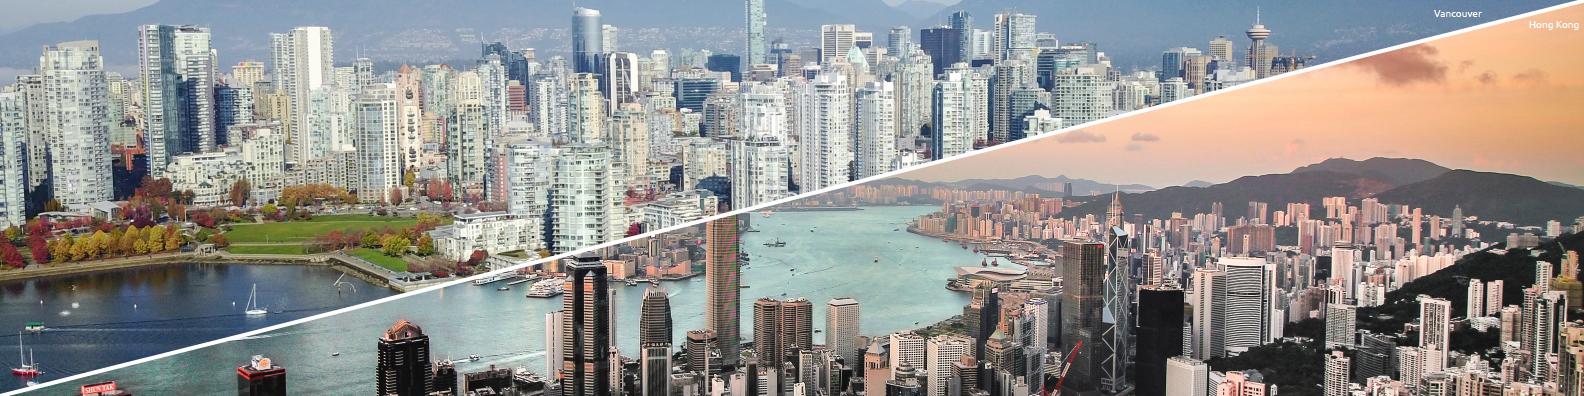 Case Study: Hong Kong Event October 24 & 25, 2020<